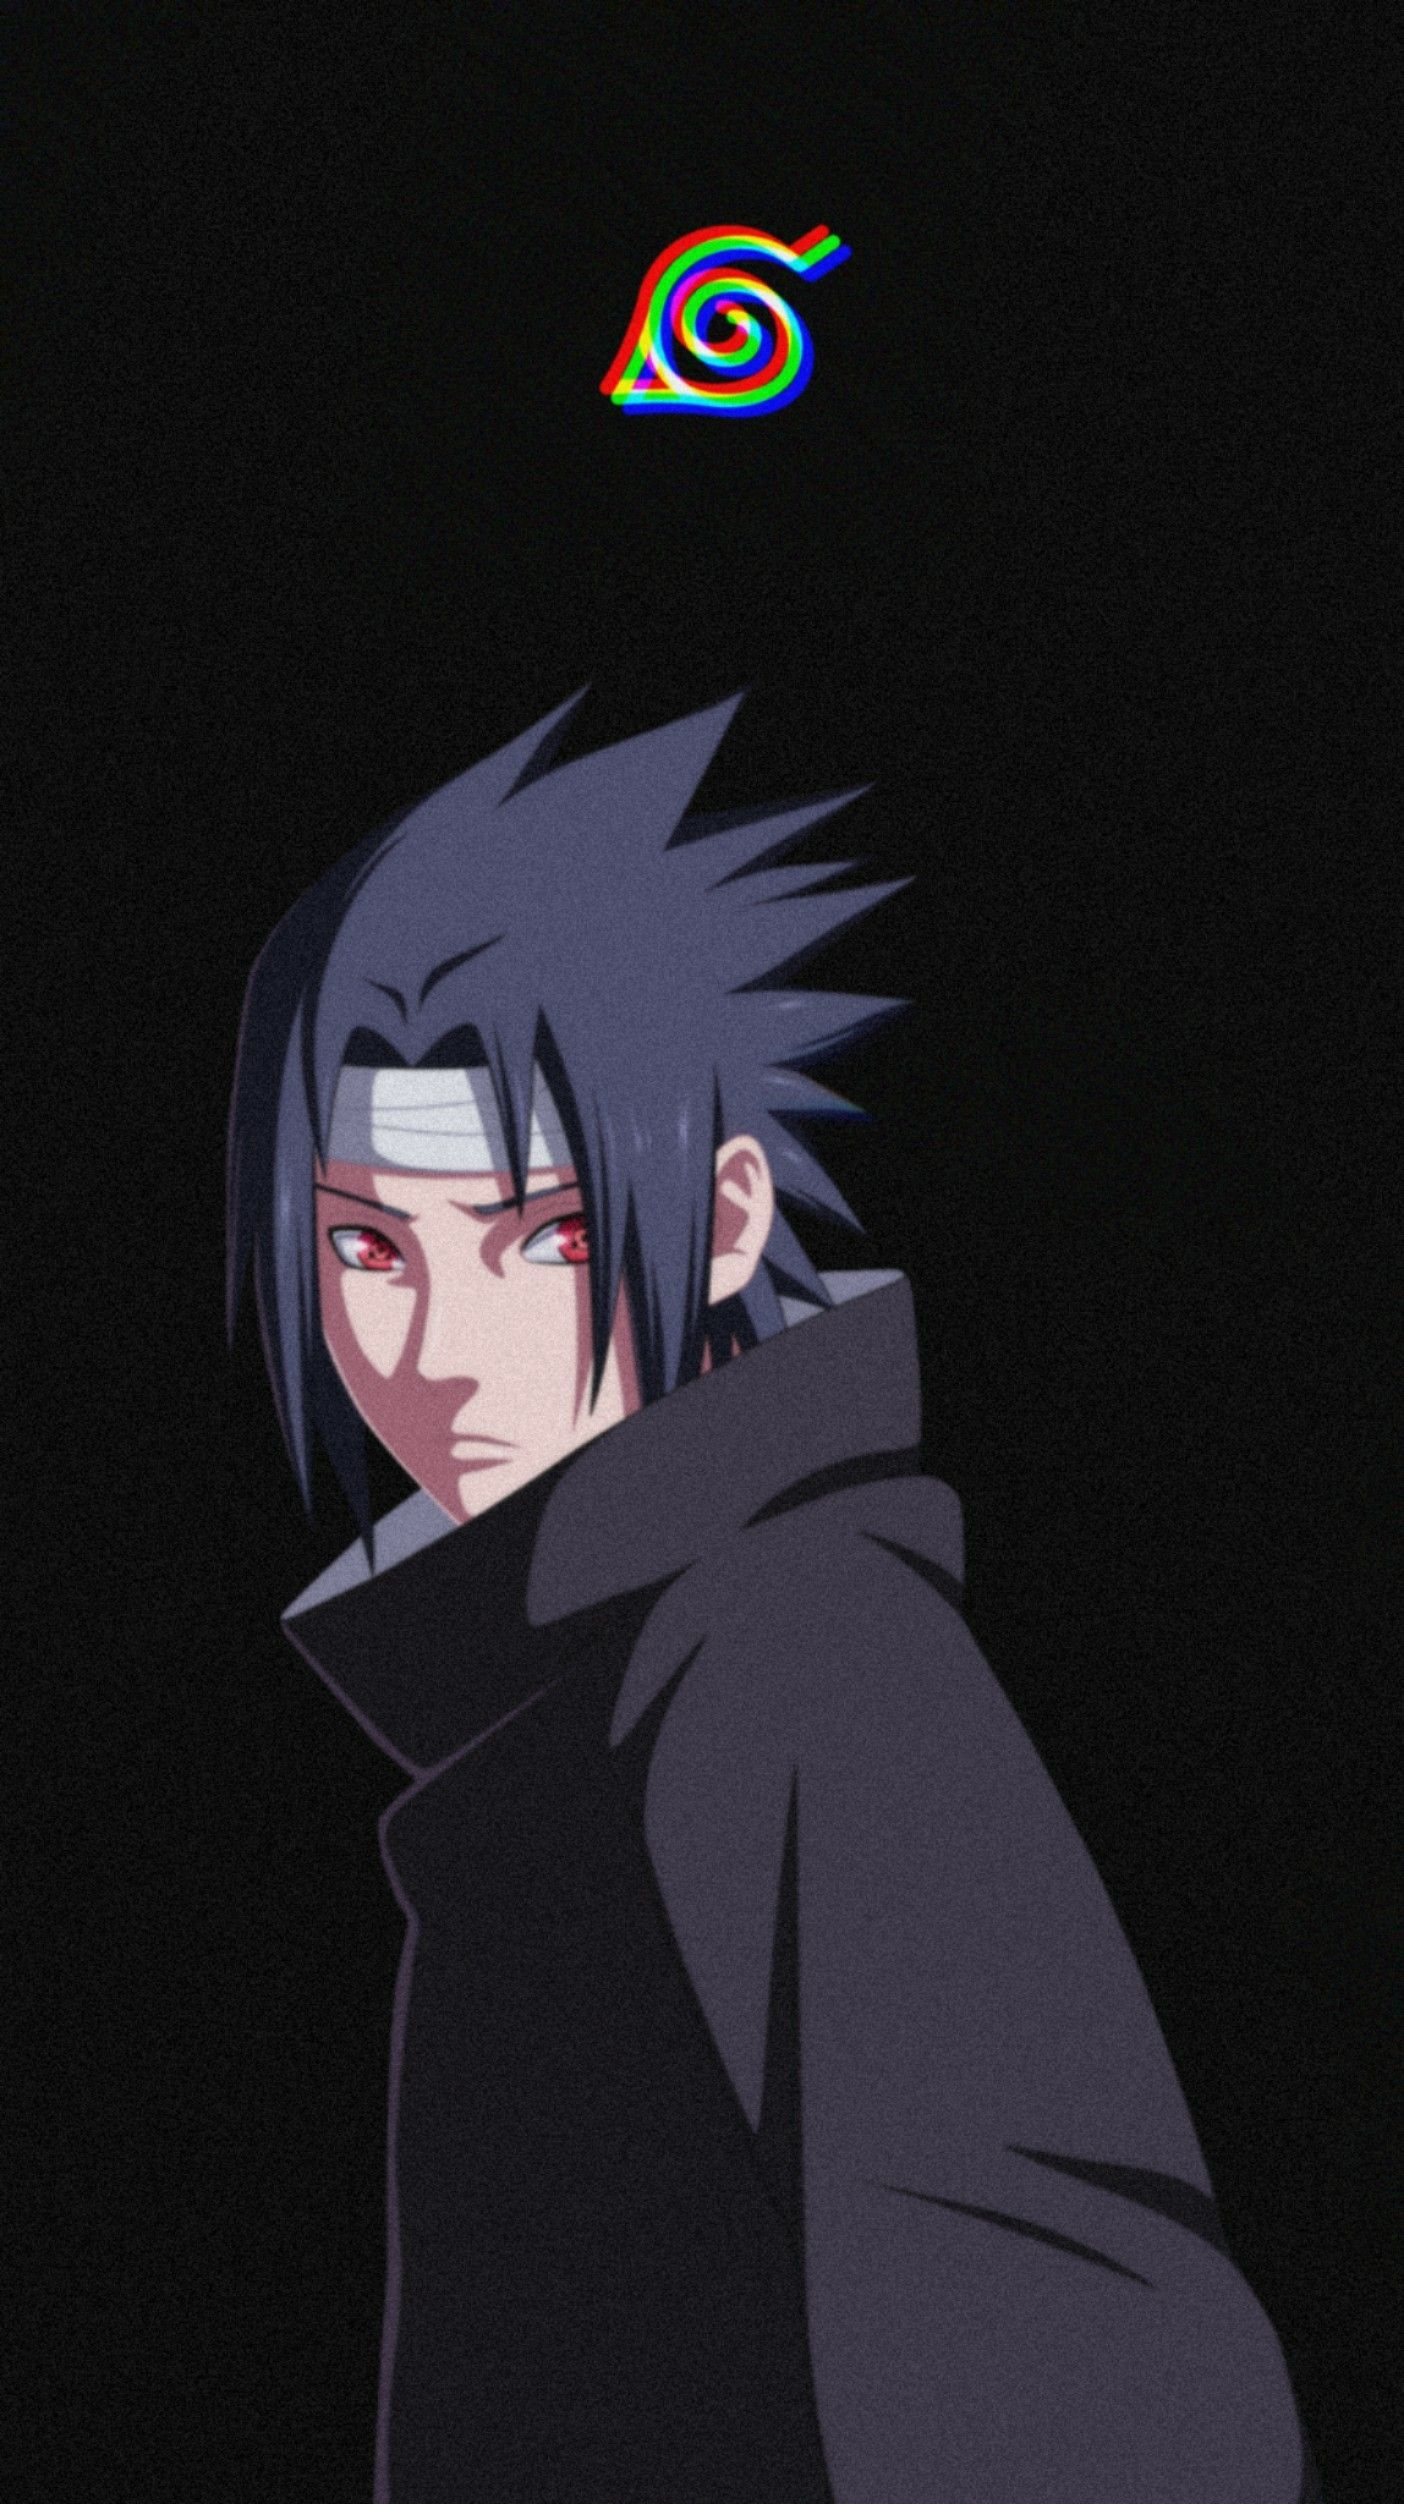 Sasuke Uchiha Wallpaper Hd Instagram Vargz7 Personagens Naruto Shippuden Anime Naruto Itachi Uchiha Wallpapers